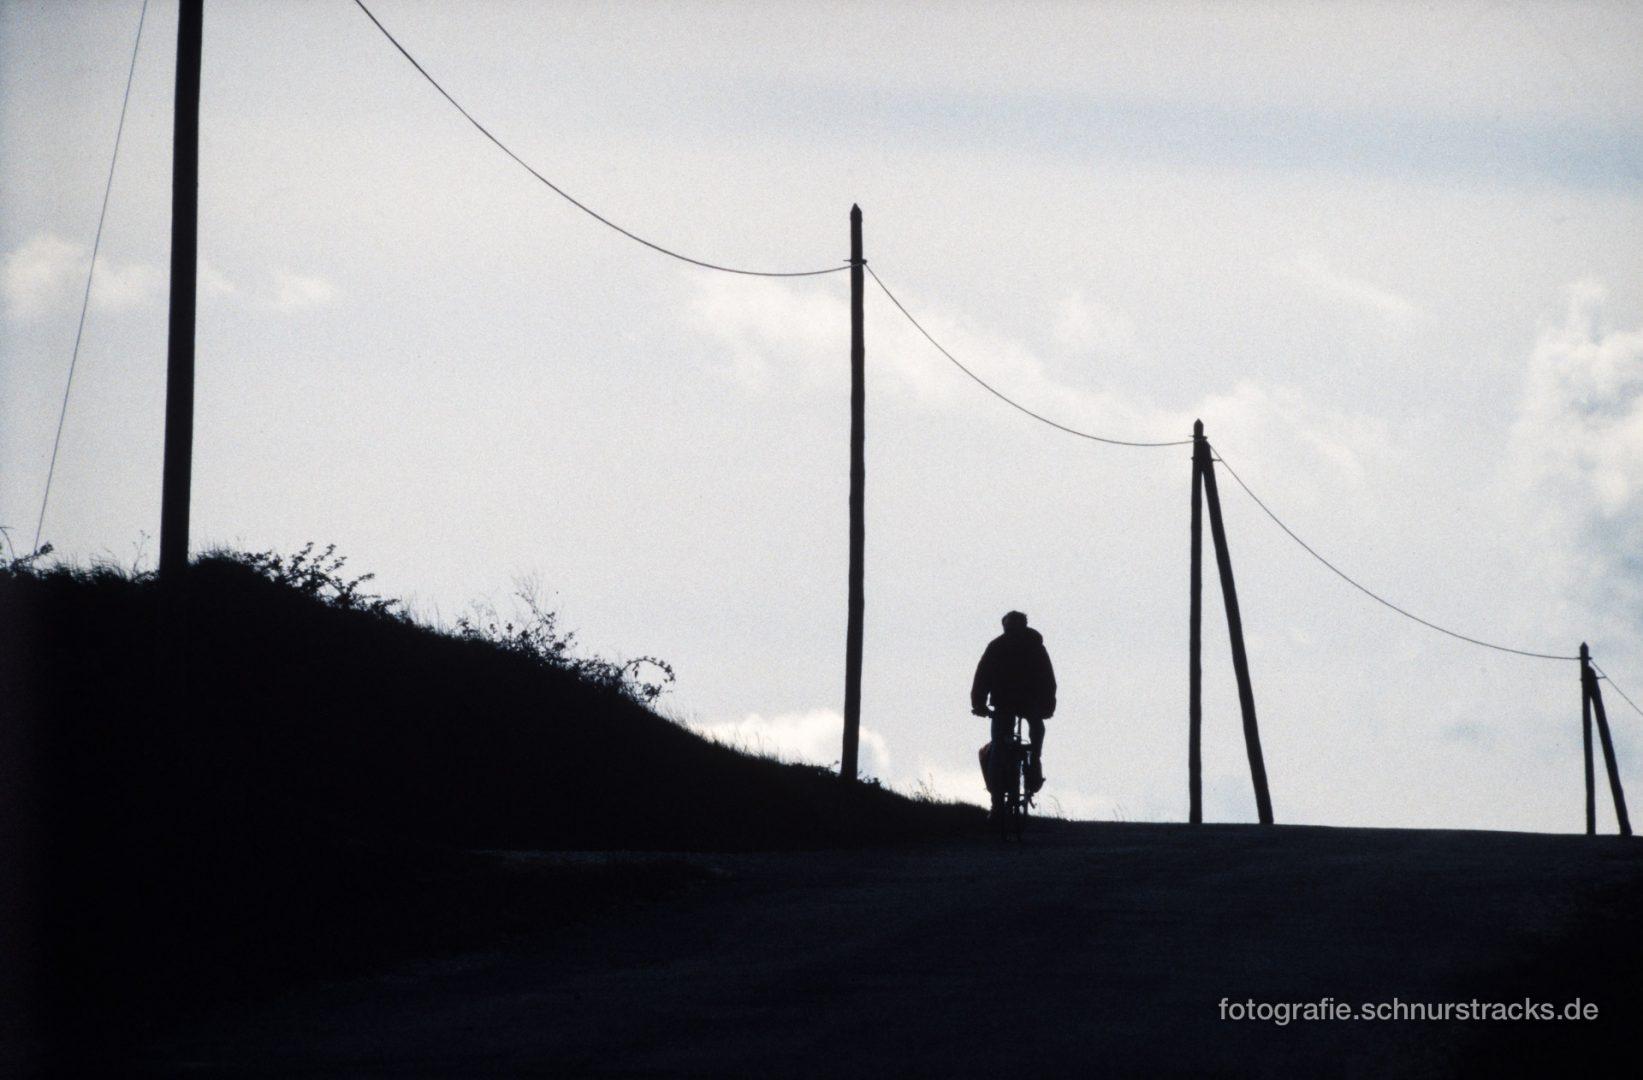 Radfahren im Luberon entlang der Telegrafenmasten #0805